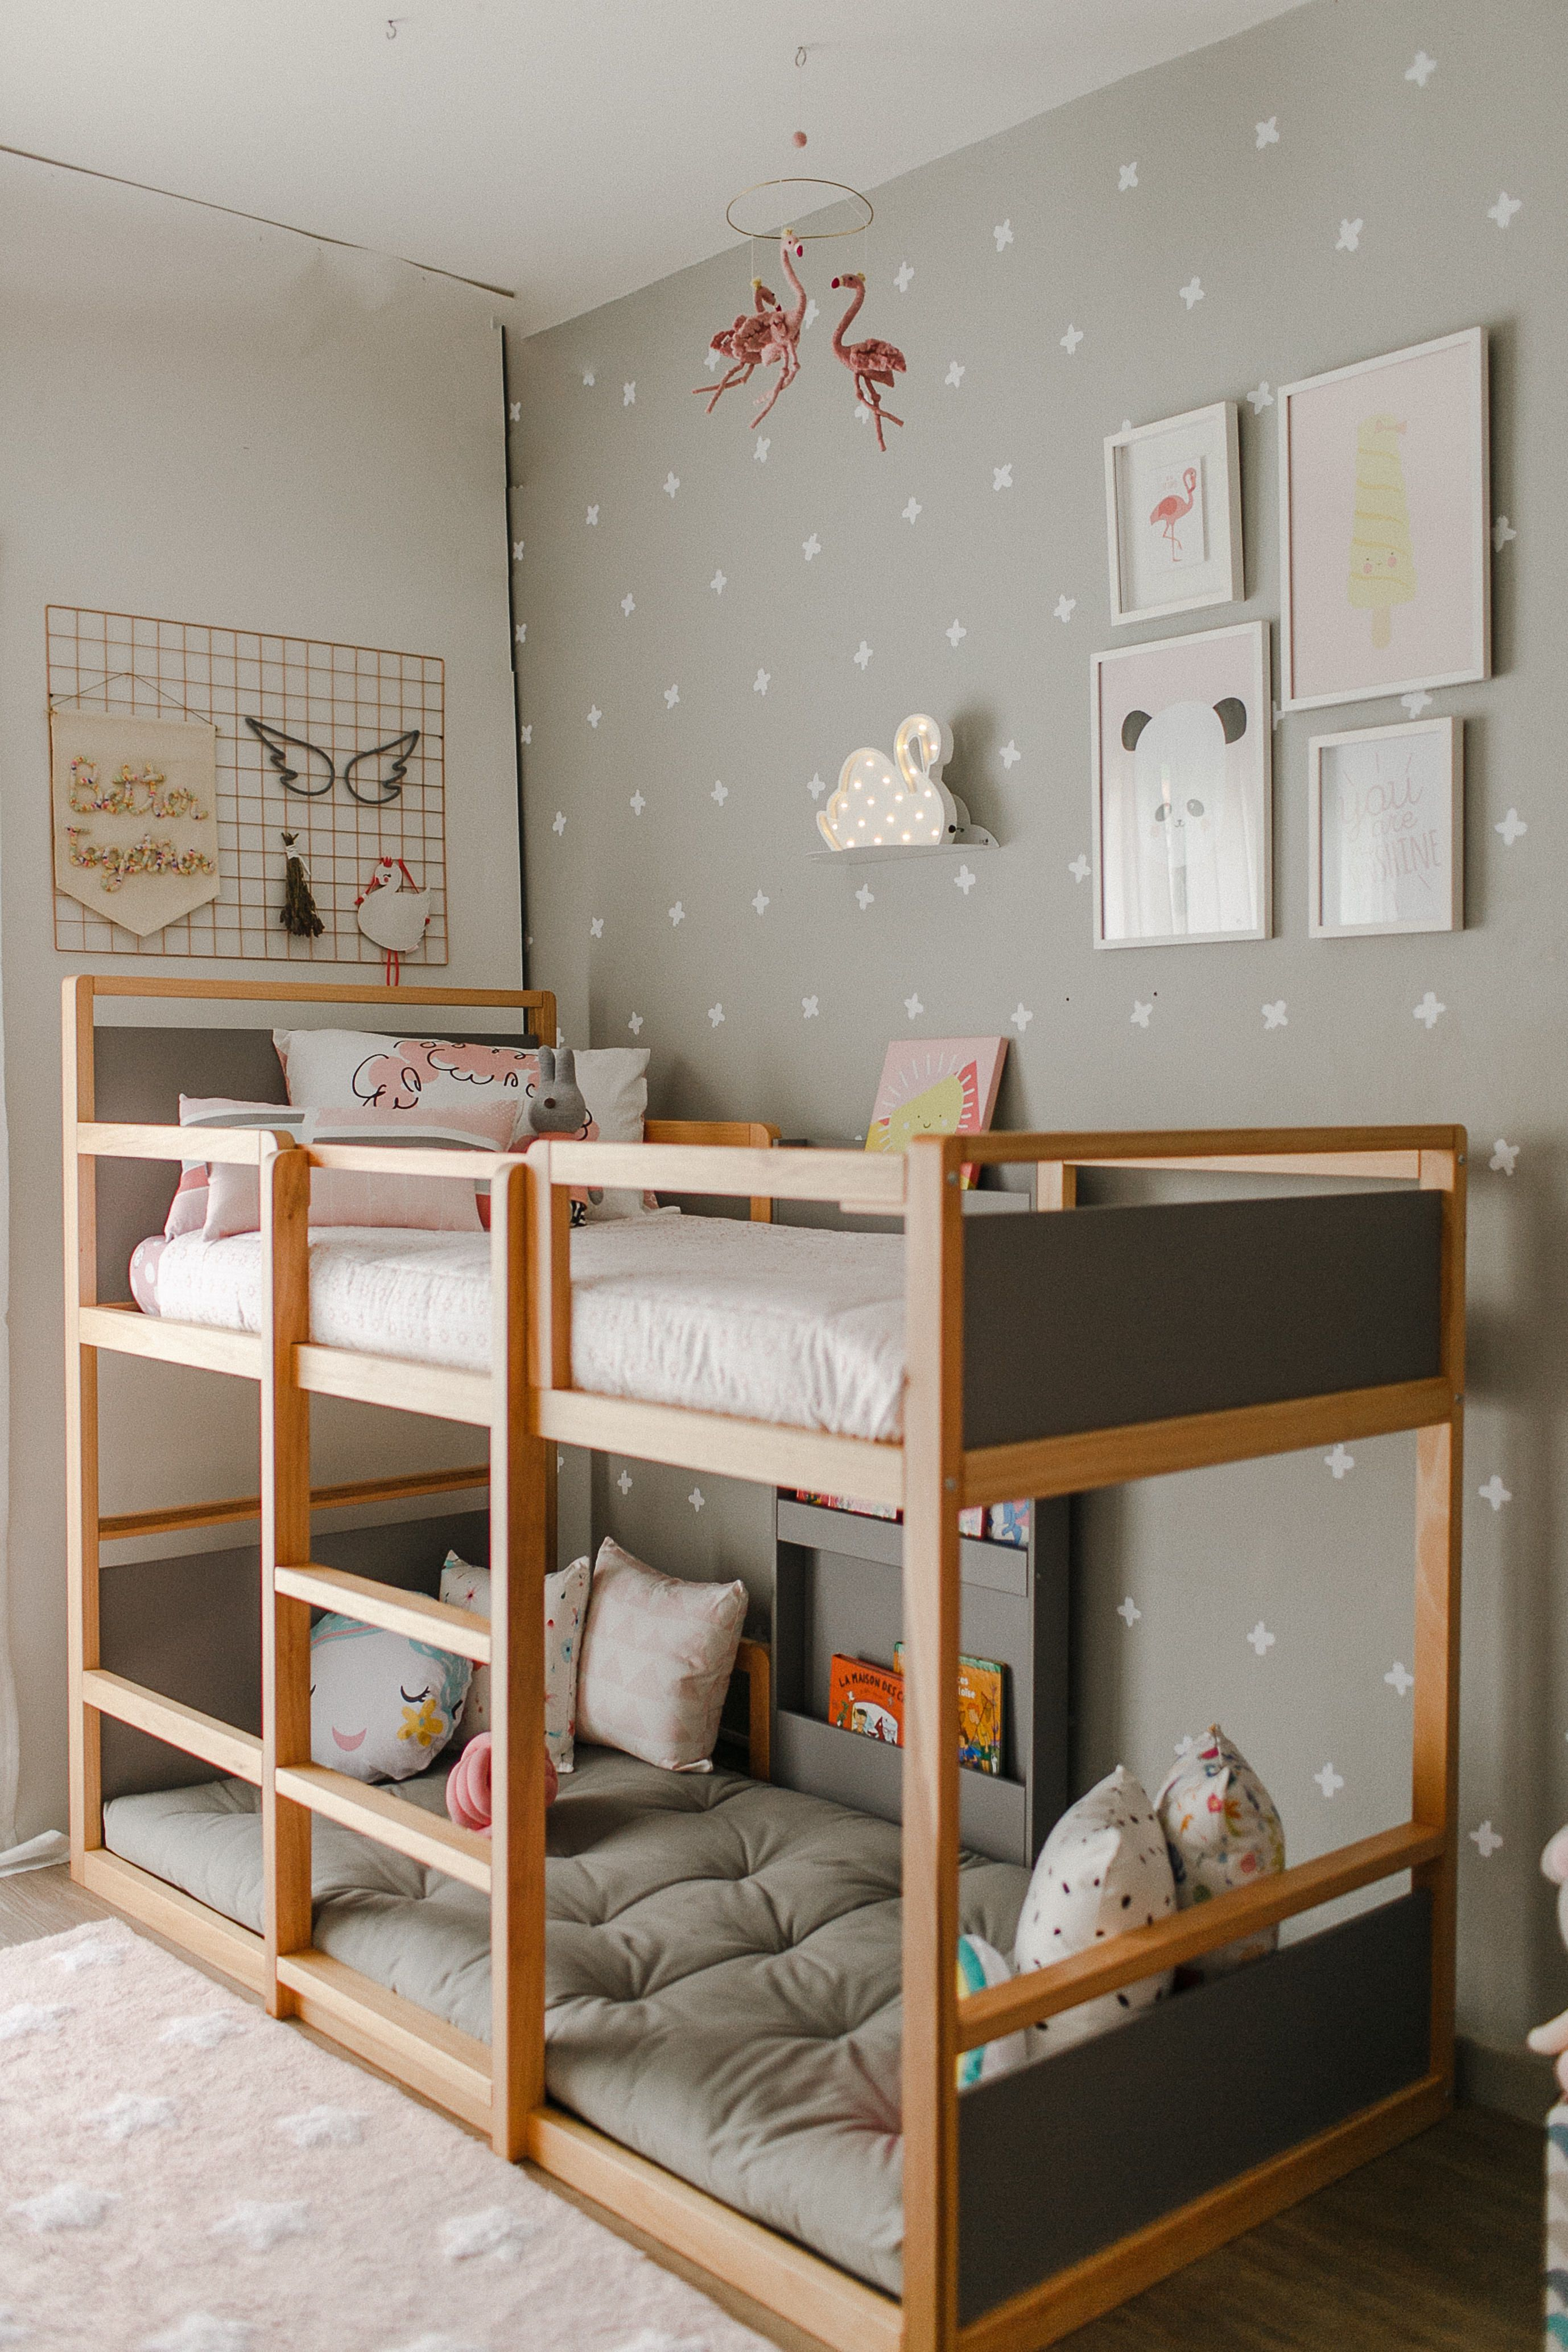 12 Unique Bonus Room Ideas For Your Home Obshie Detskie Komnaty Idei Dlya Ukrasheniya Komnat Komnata Dizajna